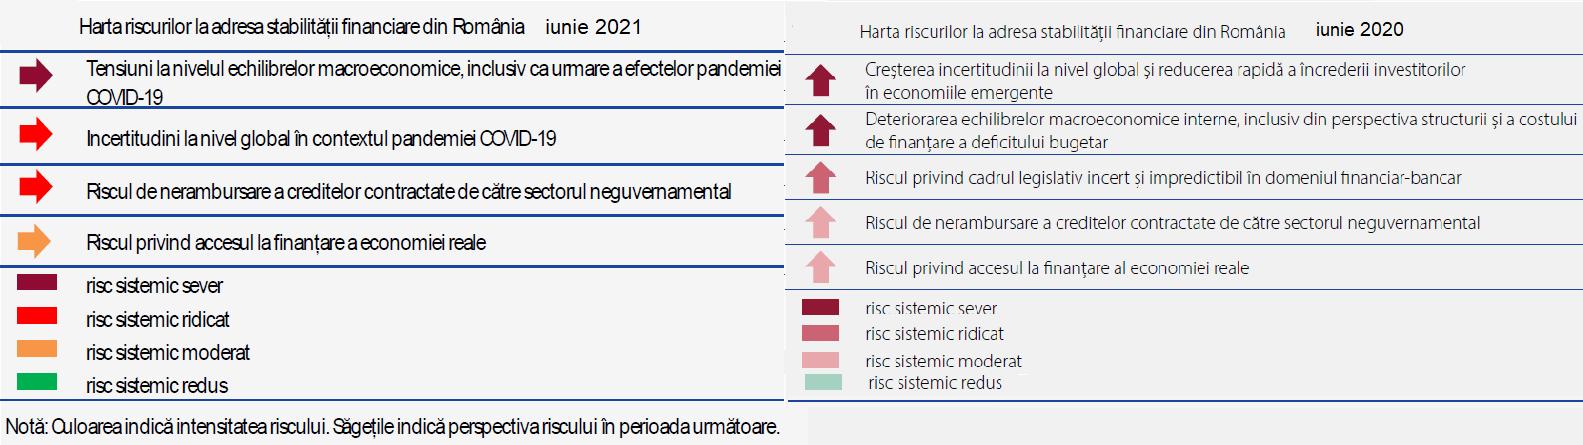 Harta riscurilor stabilității financiare de la BNR